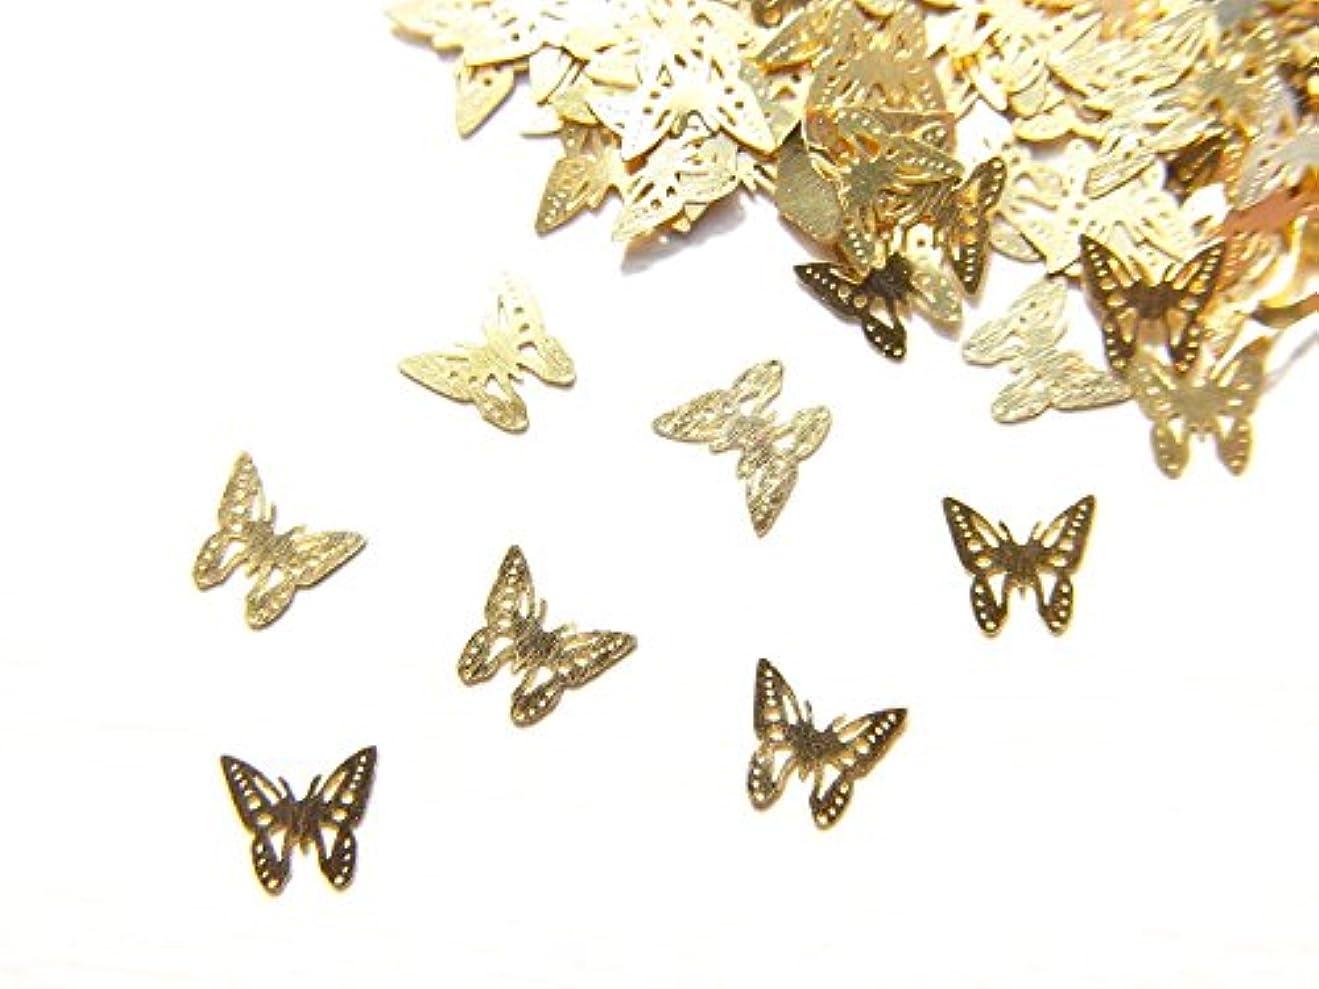 通り信念同等の【jewel】ug24 薄型ゴールド メタルパーツ Sサイズ バタフライ 蝶 A 10個入り ネイルアートパーツ レジンパーツ